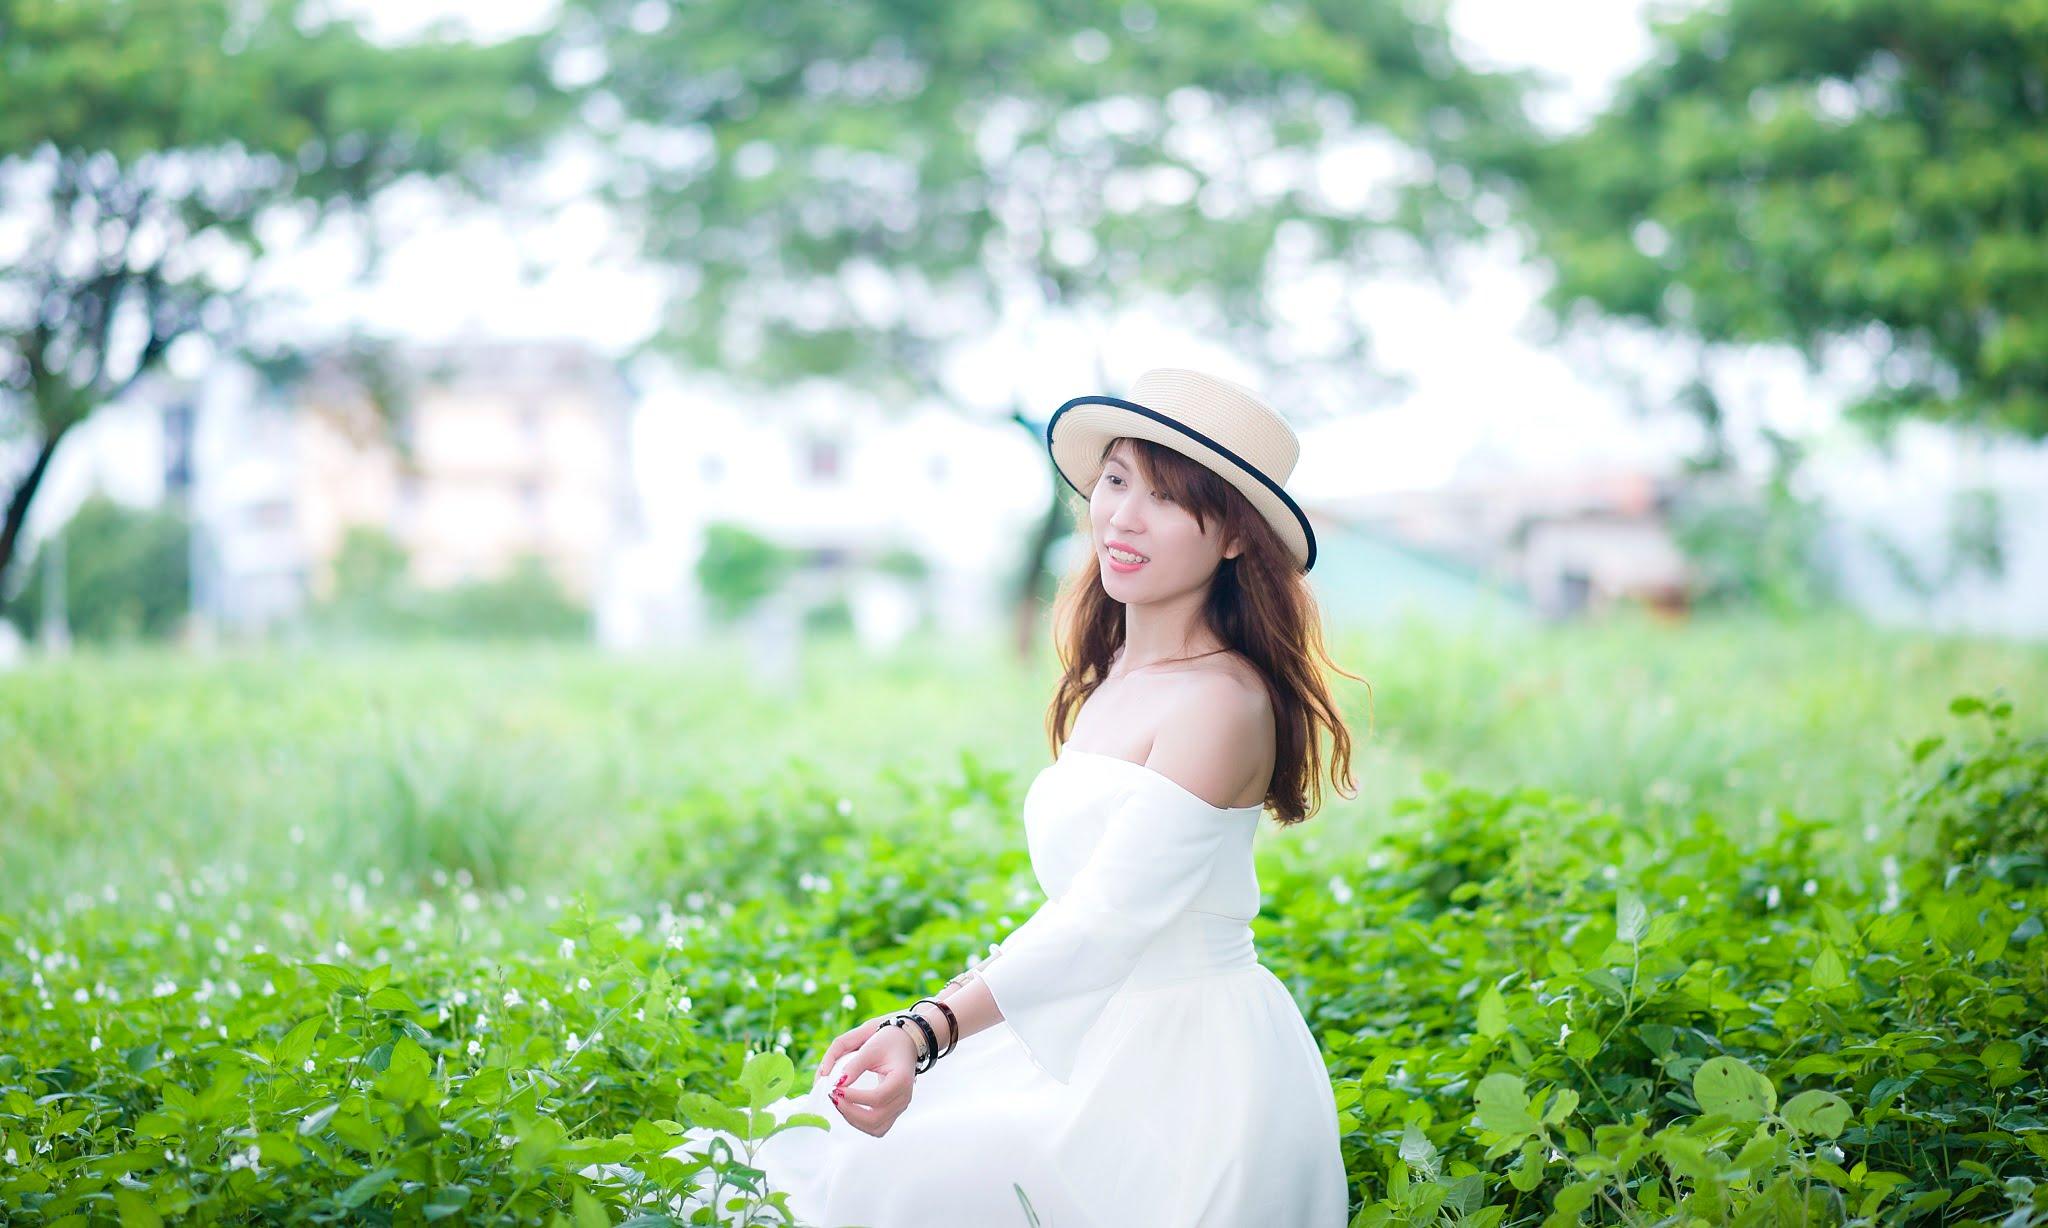 FB be dinh5 - Ảnh chụp với cỏ lau Đảo Kim Cương, Quận 2